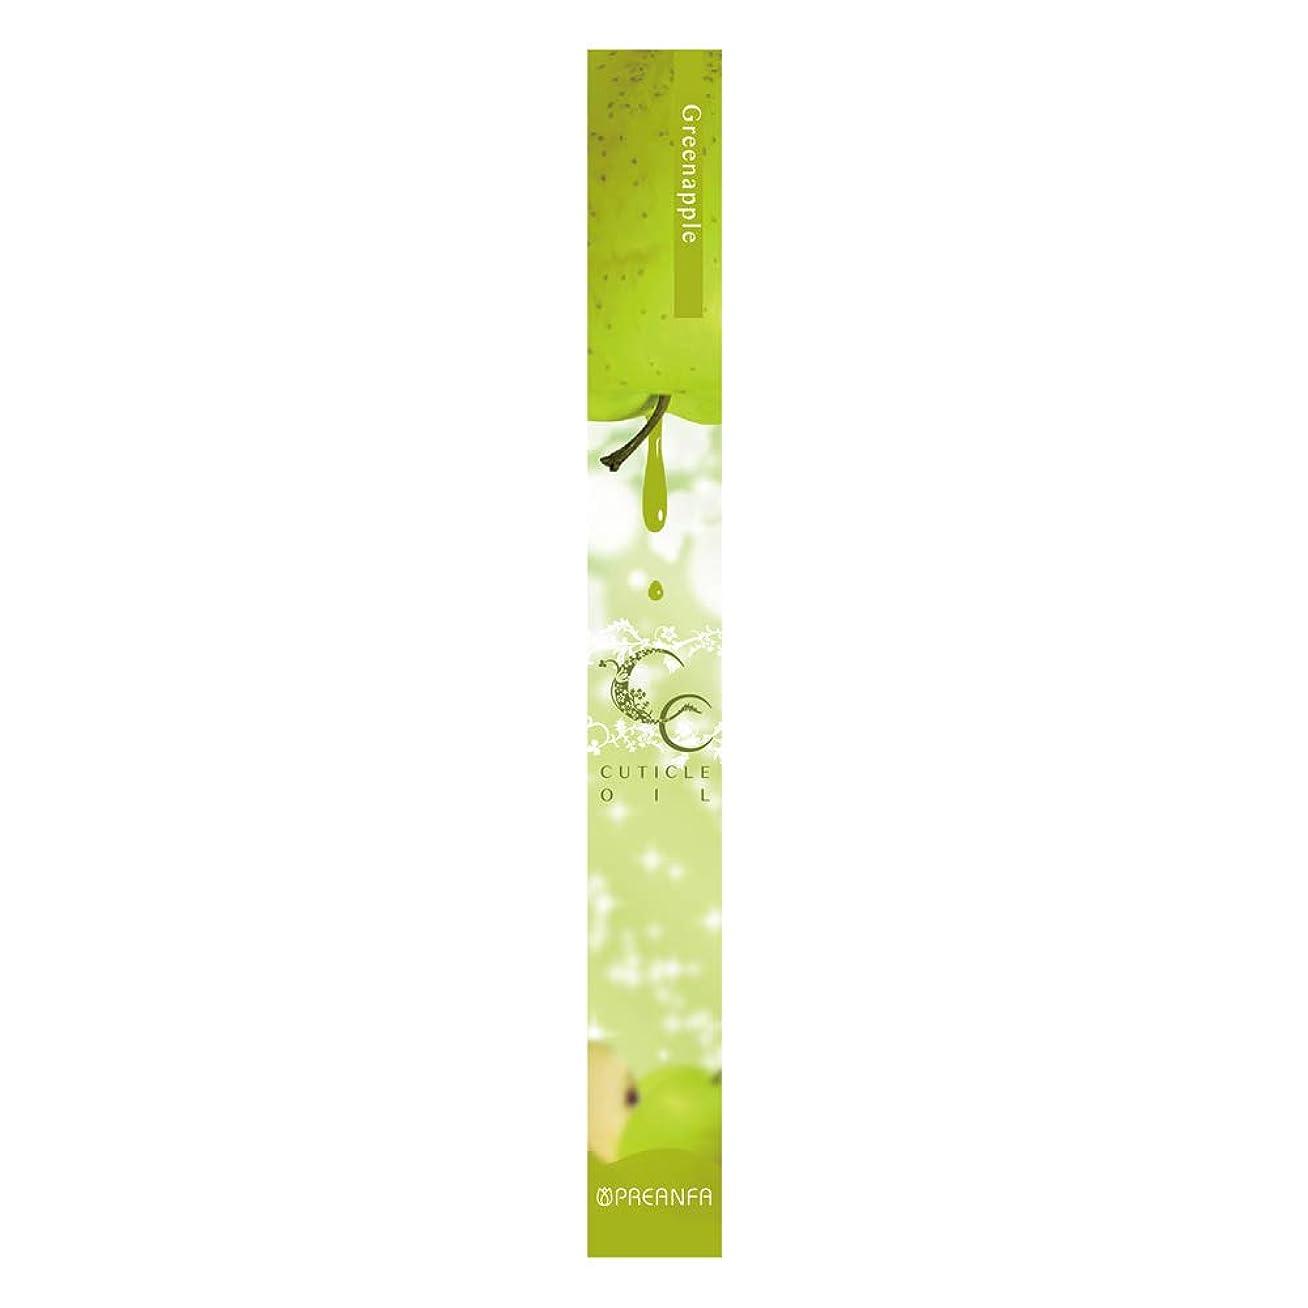 なしで代表団集中プリジェル ジェルネイル CCキューティクルオイル グリーンアップル 4.5g 保湿オイル ペンタイプ